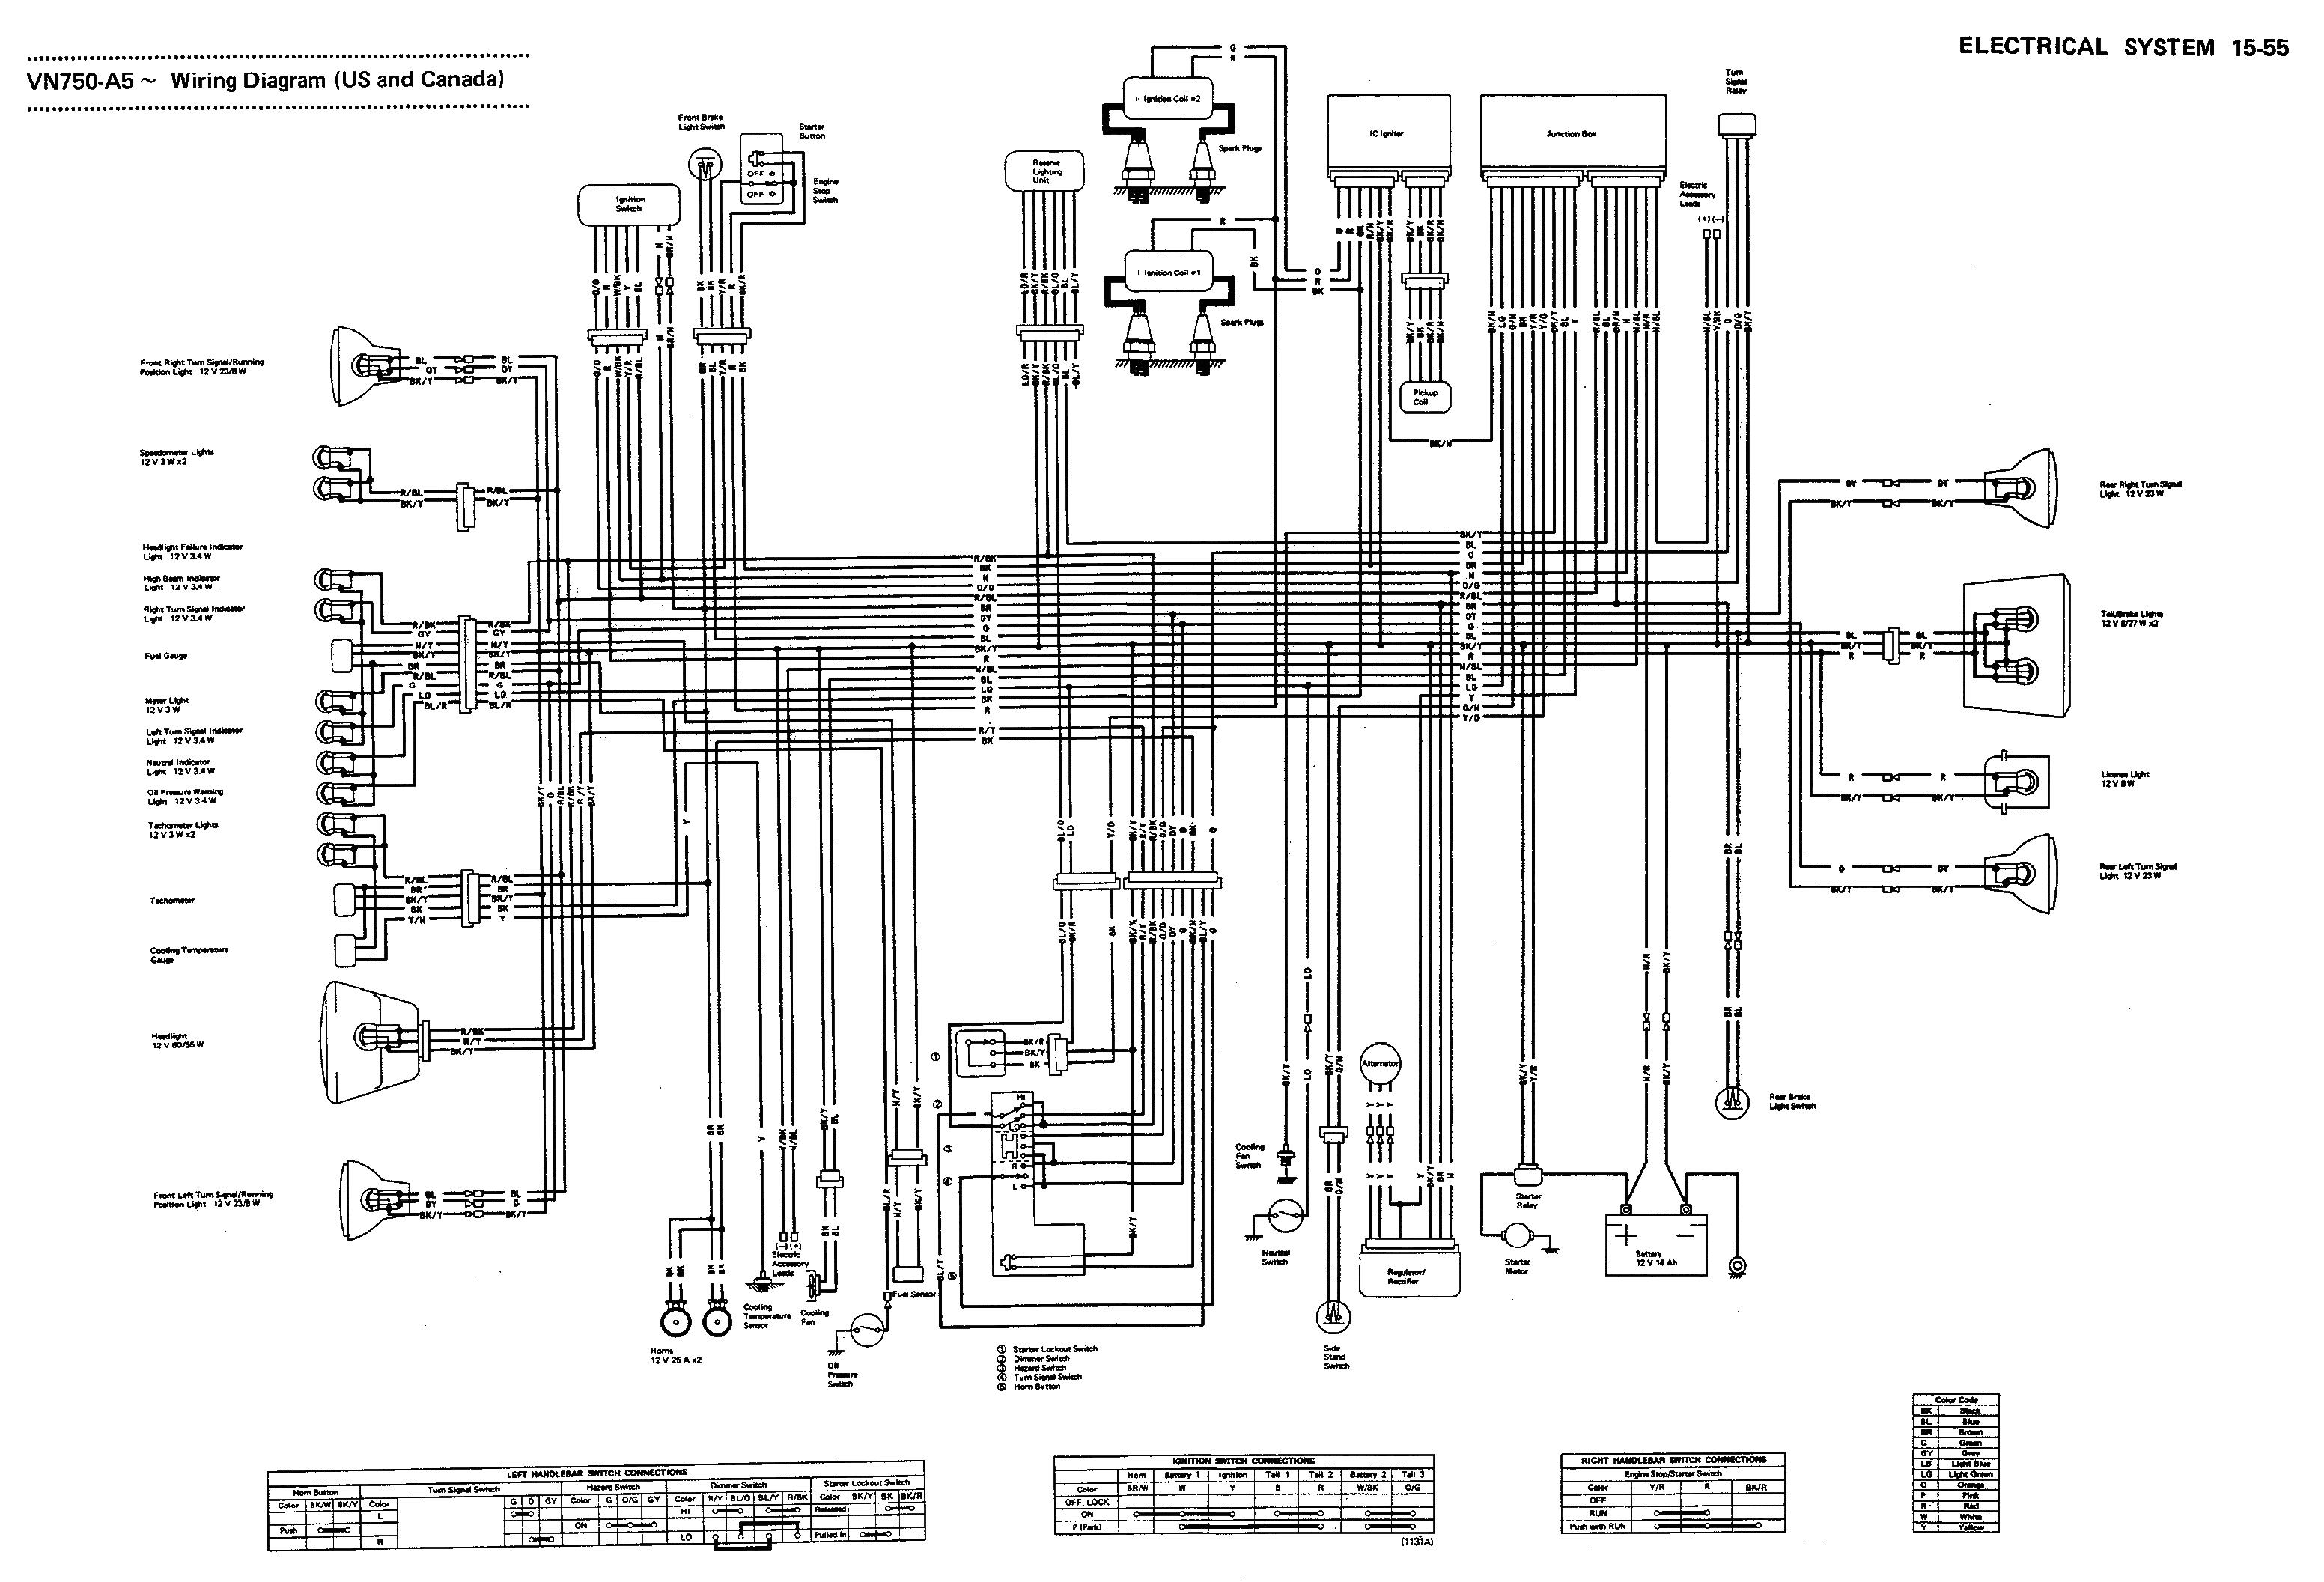 wiring diagram likewise 2004 kawasaki vulcan 1500 tail light wiring 1998 kawasaki vulcan 1500 wiring diagram vulcan 1500 wiring diagram